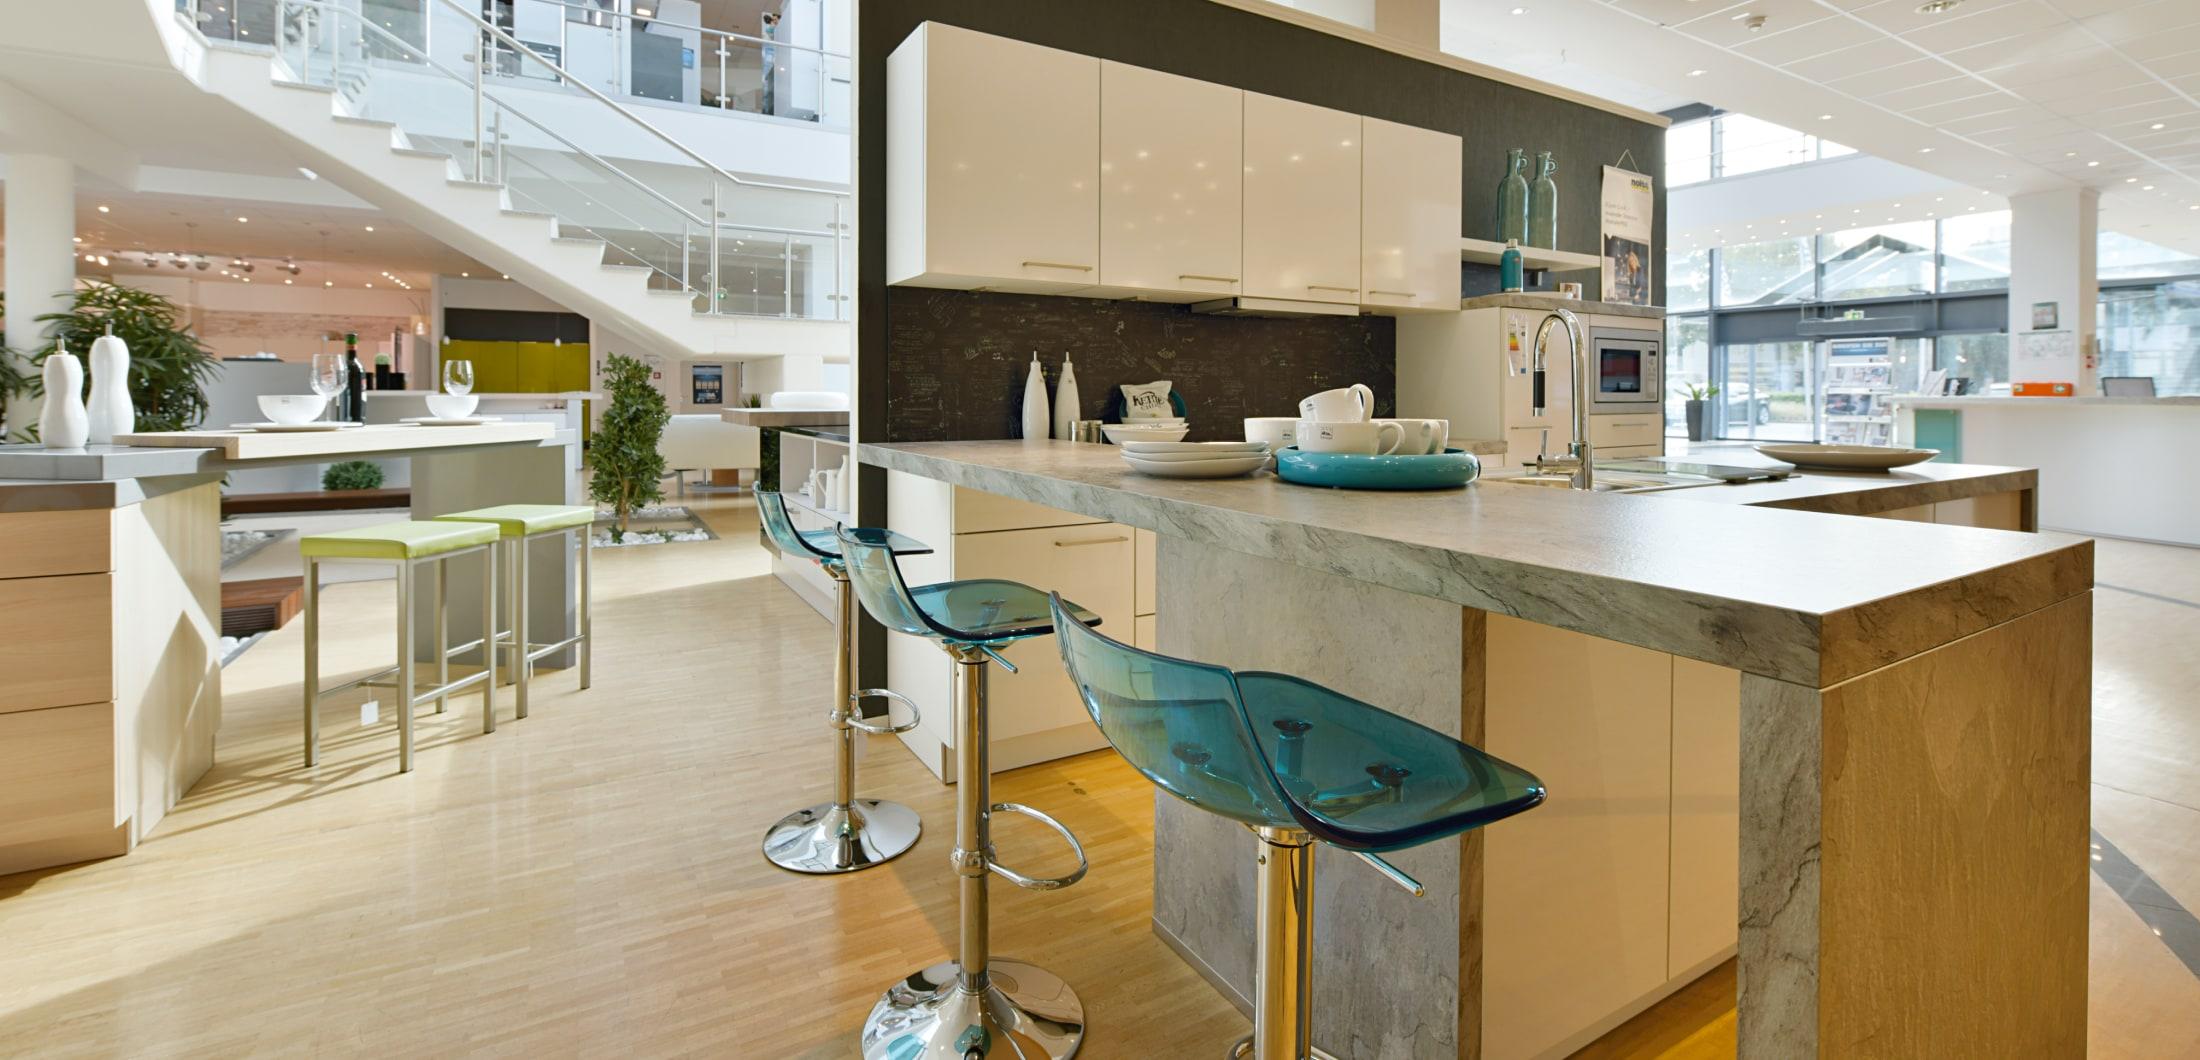 Küchentheke mit Stühlen